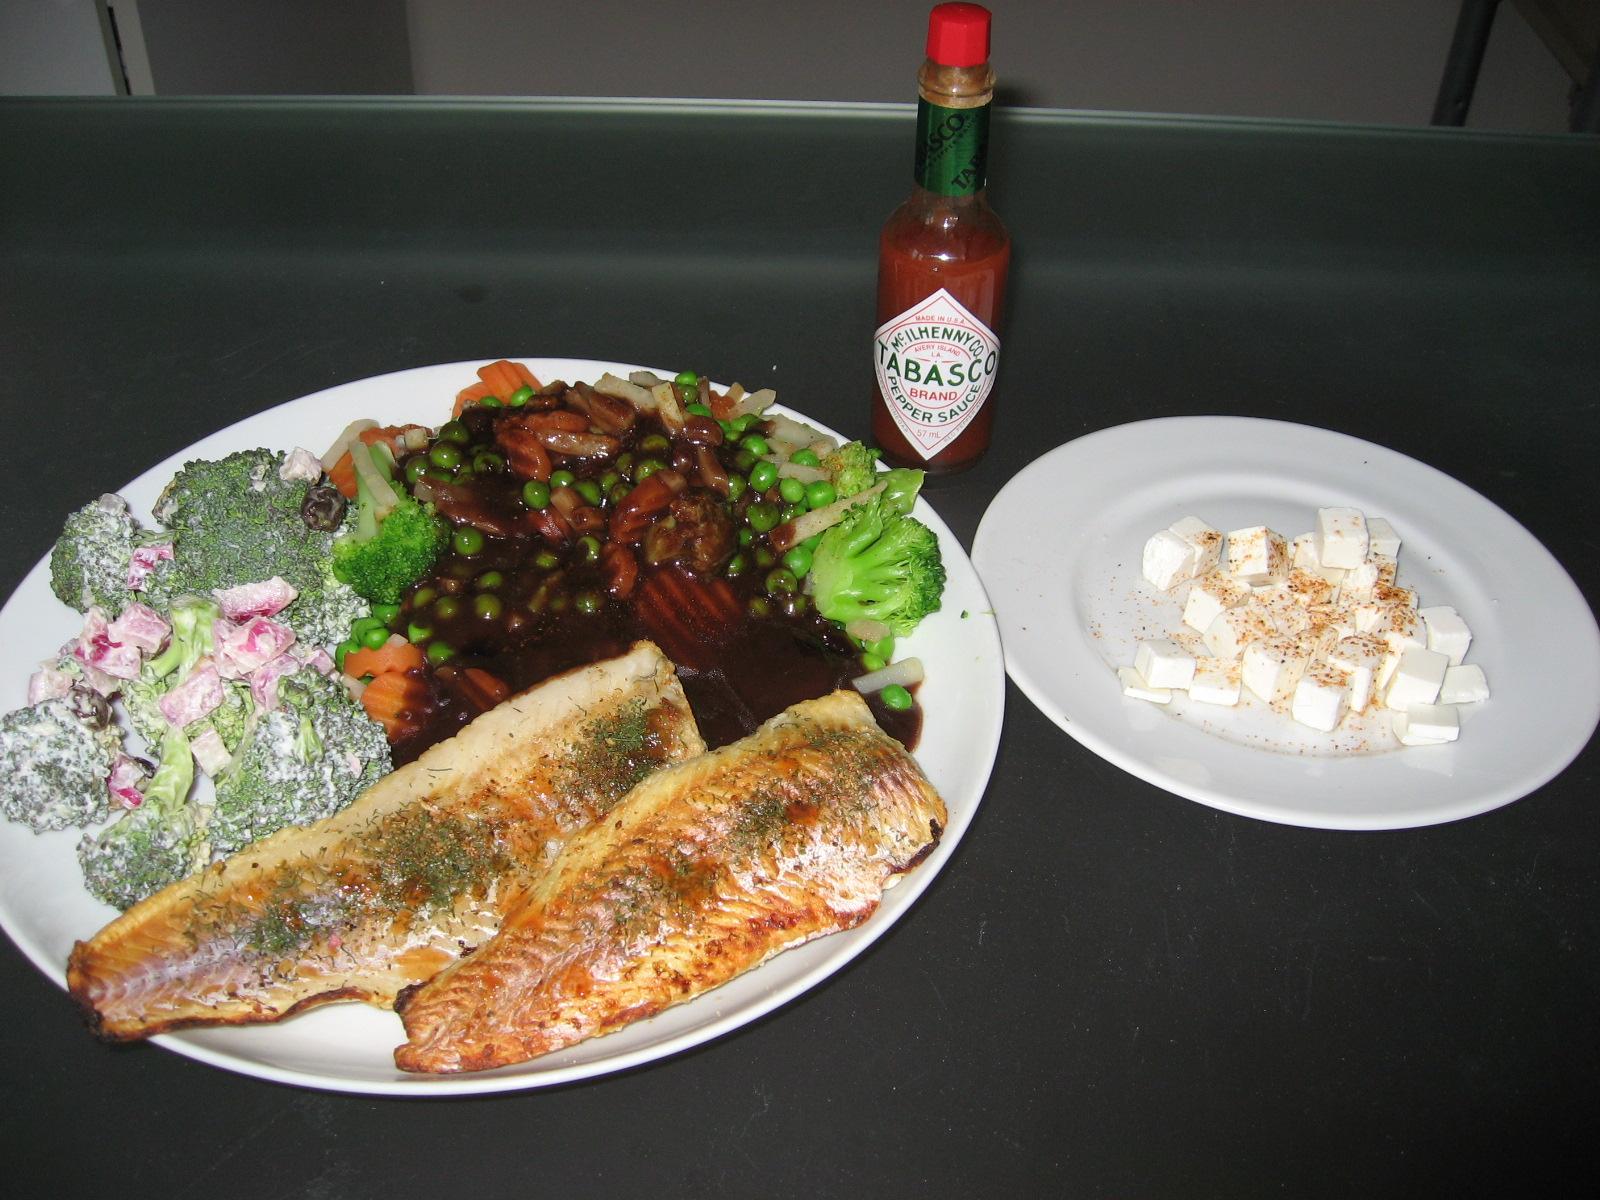 Billeder af din mad - Inspiration til køkkenet